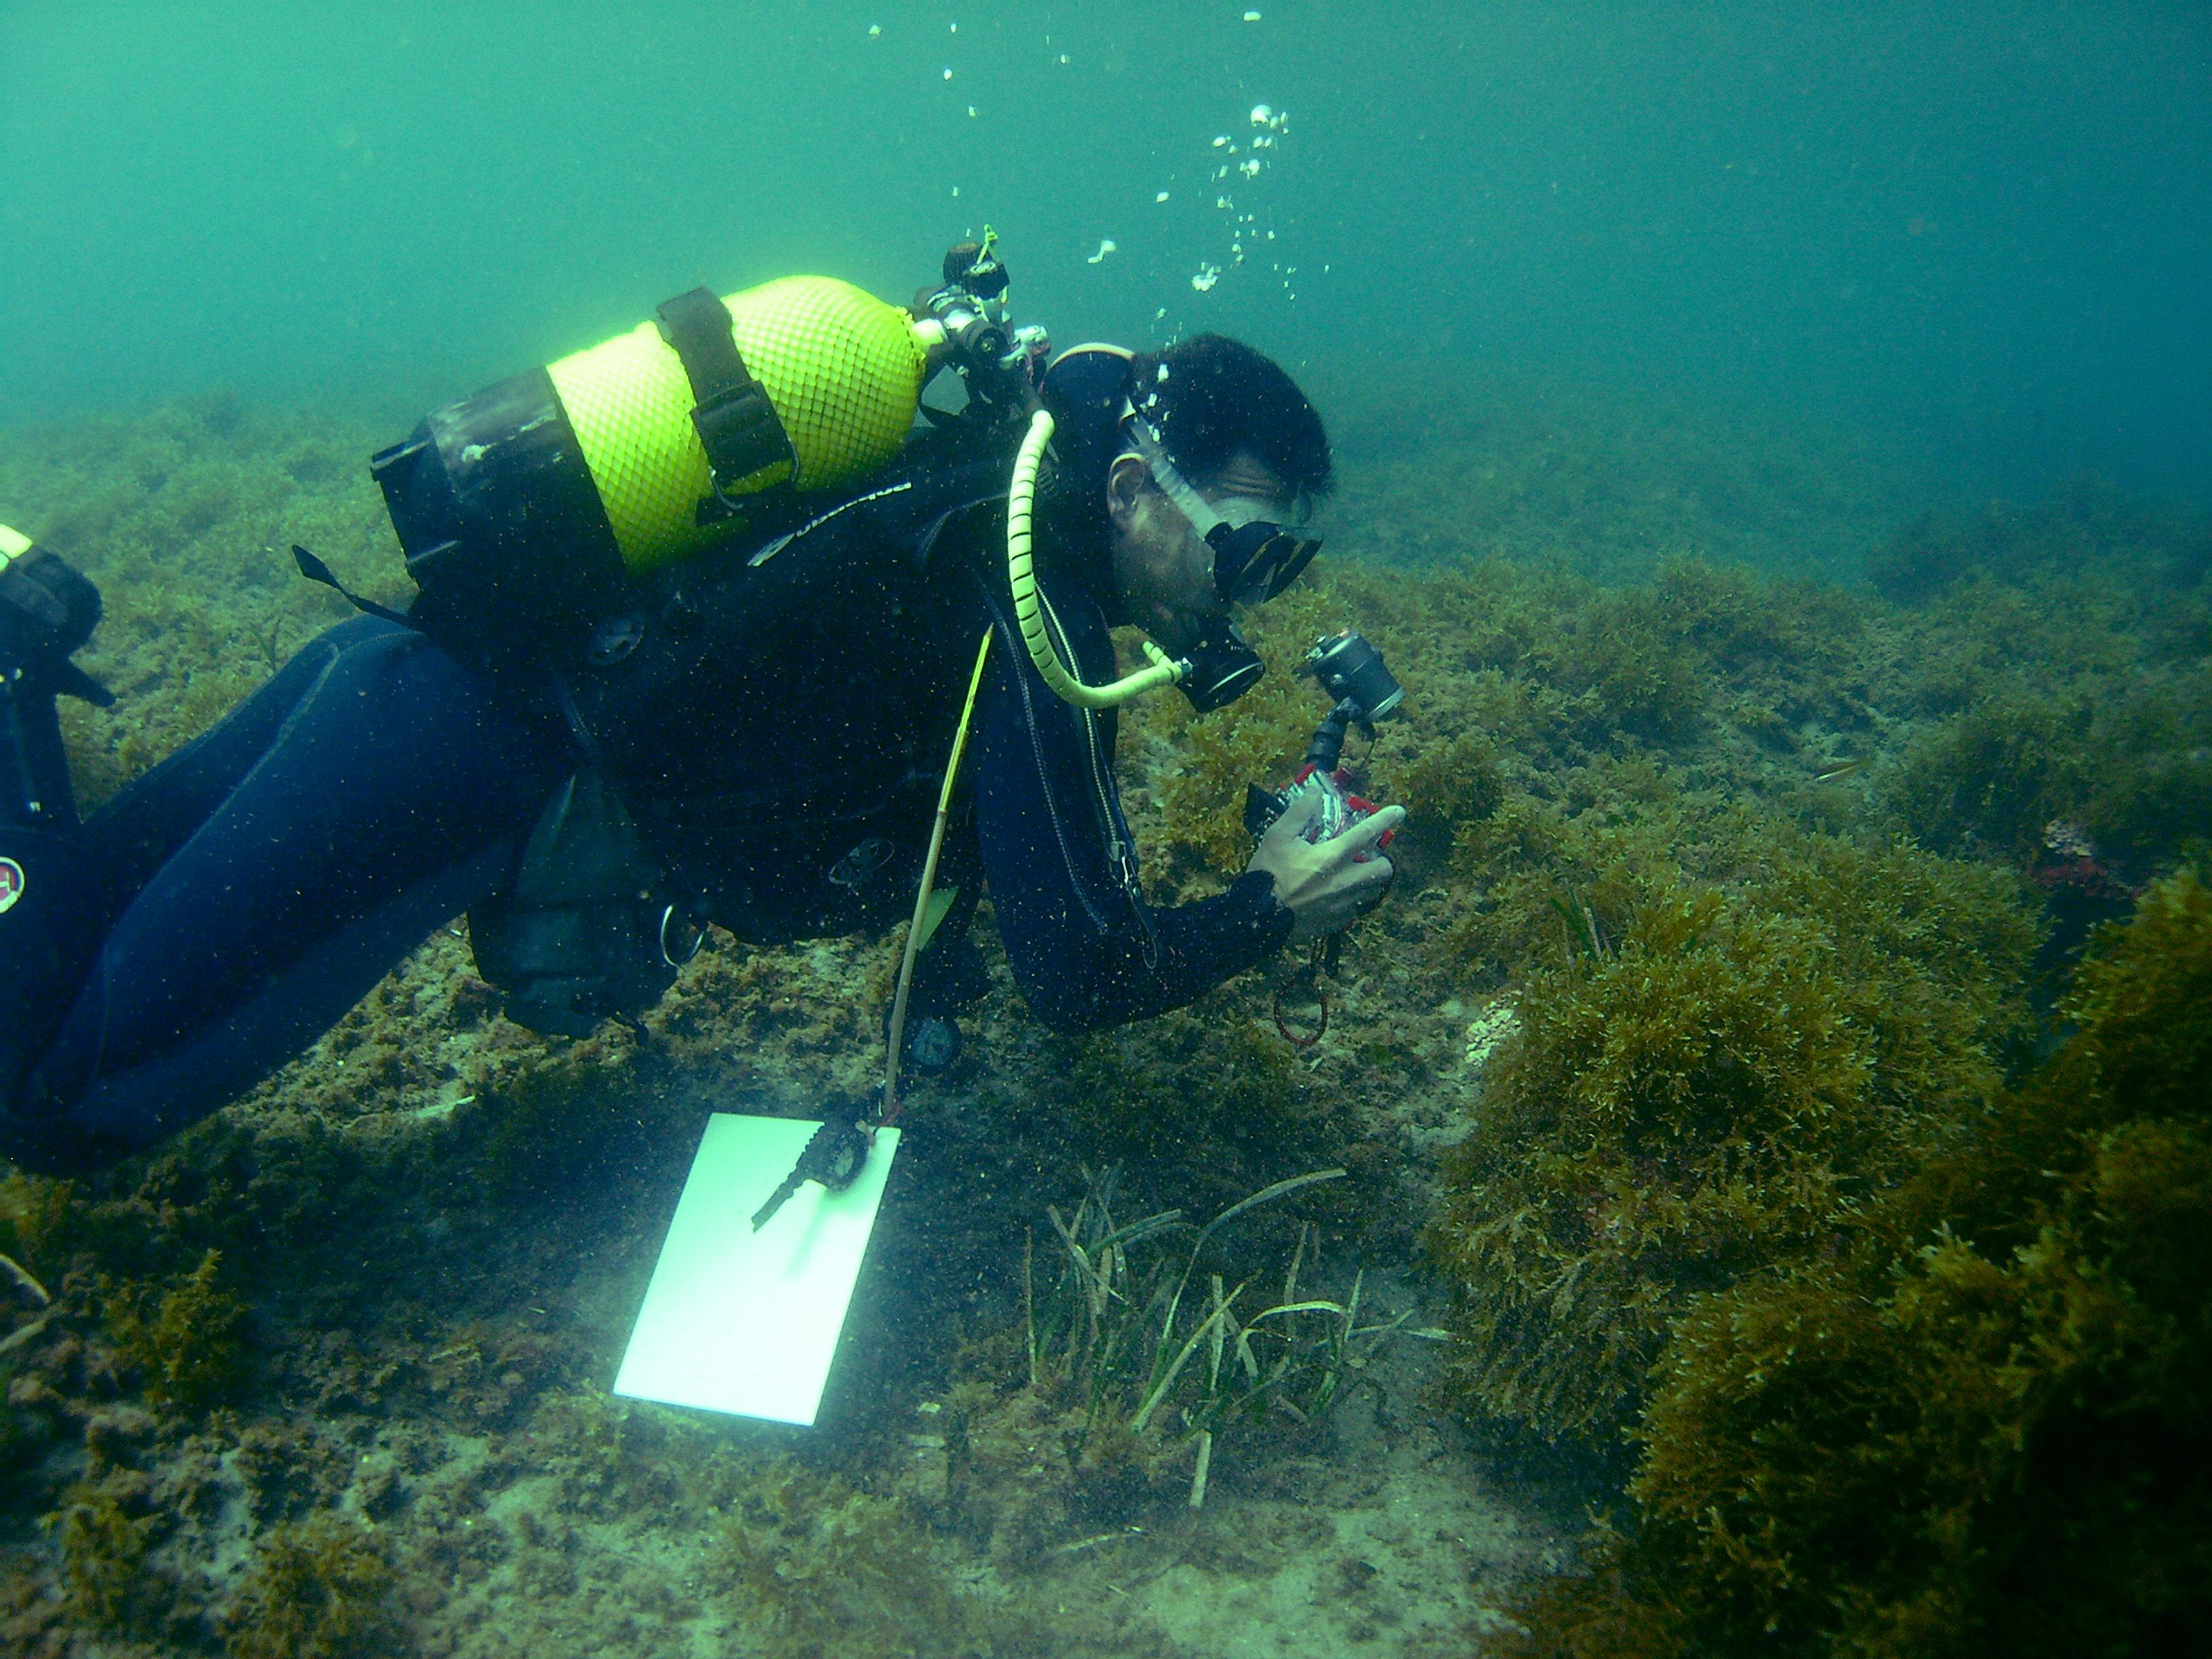 La UGR participa en un estudio para ayudar a prevenir y controlar la expansión del alga asiática